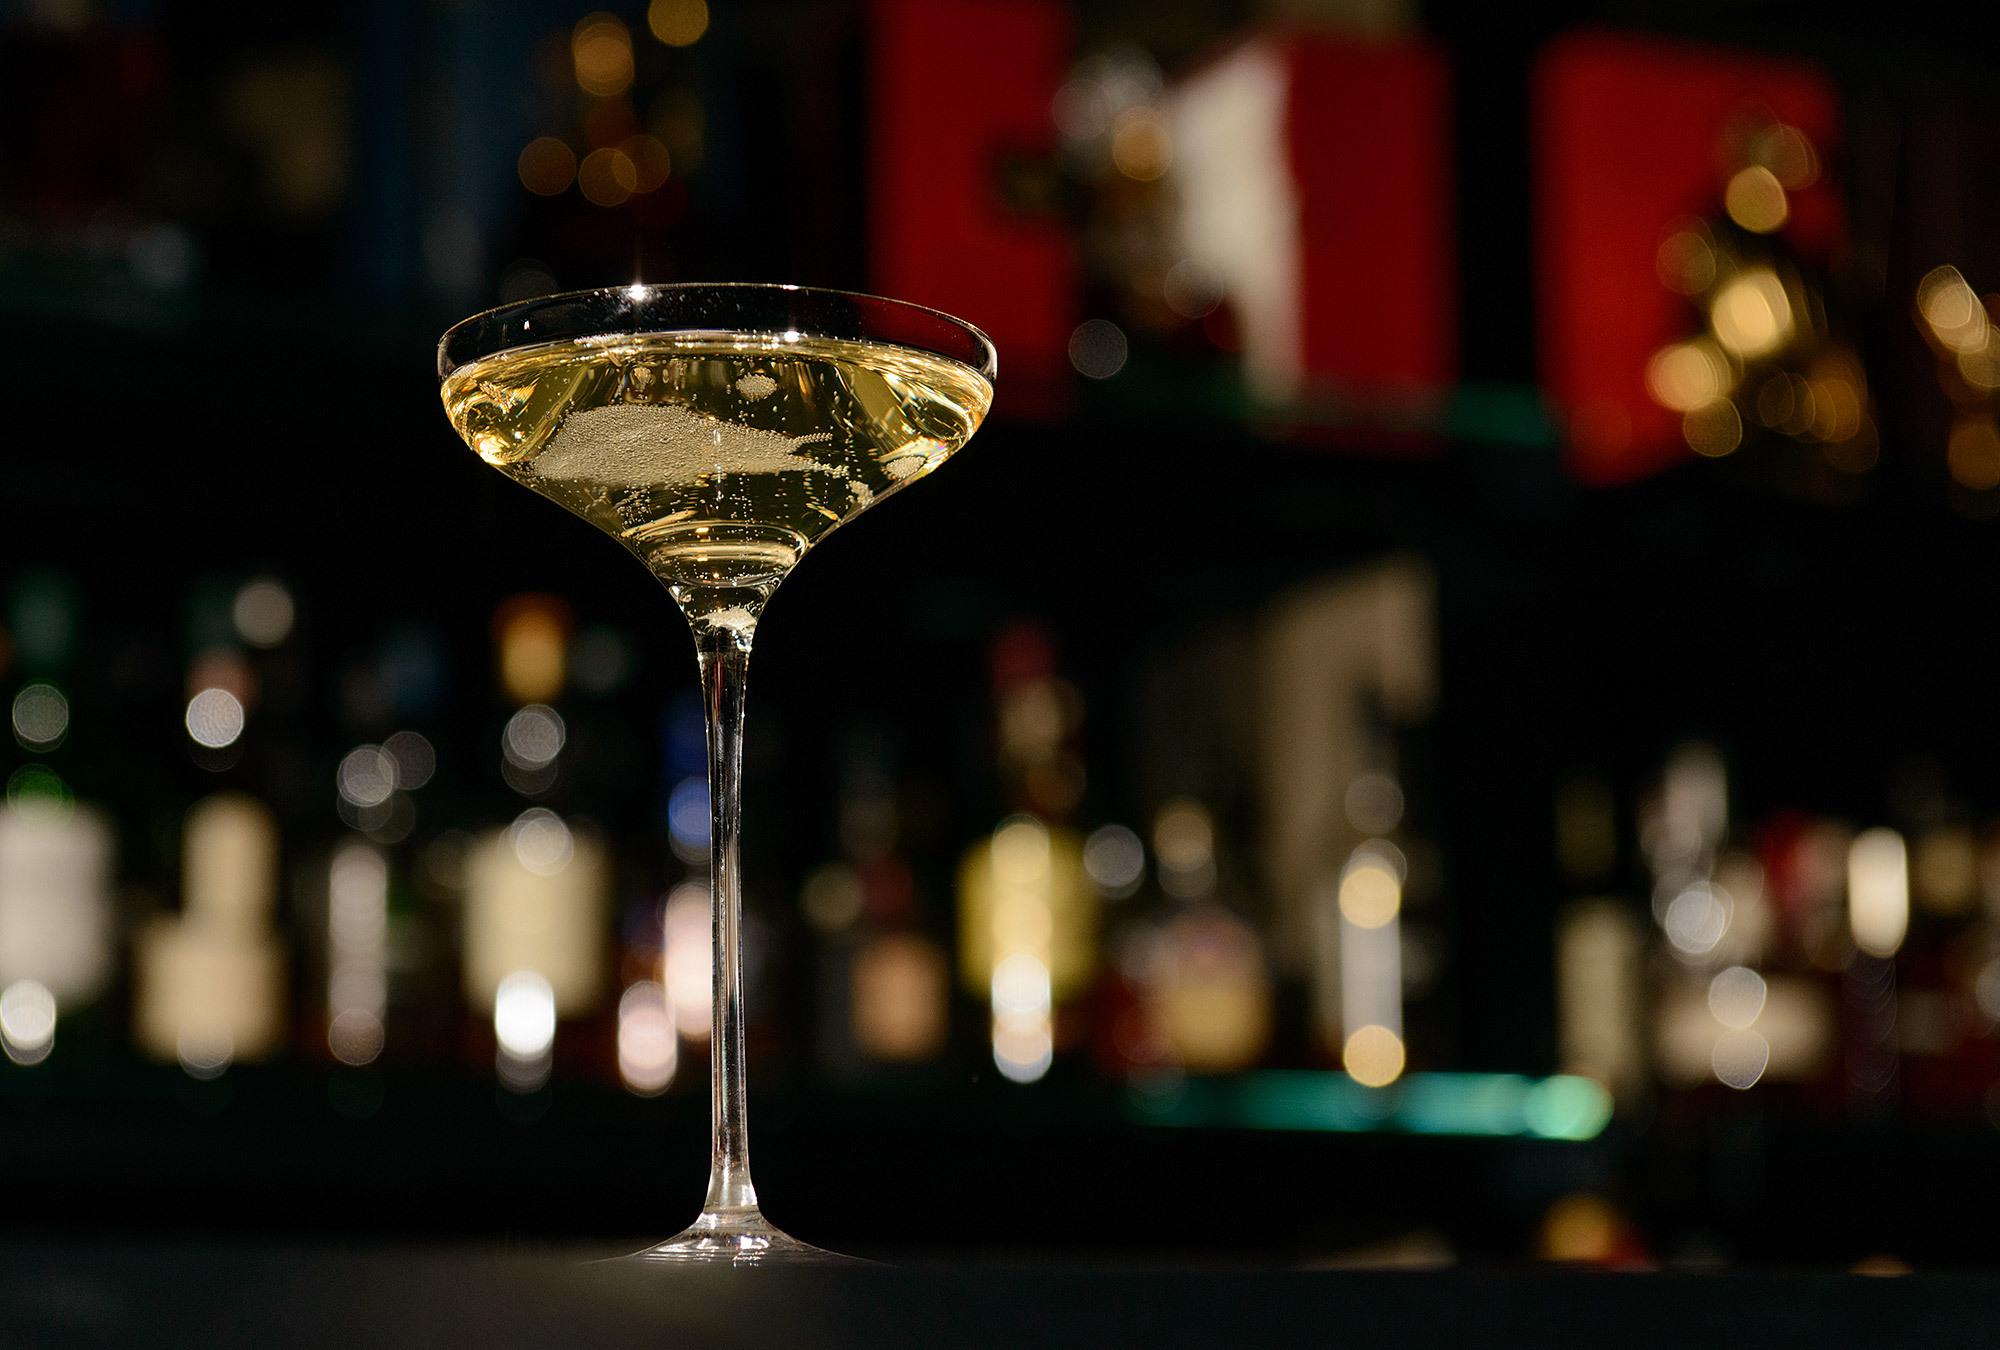 007とMI6とイアン・フレミングと。カトラリーでグラスを叩くアレ。_f0337316_15110511.jpg